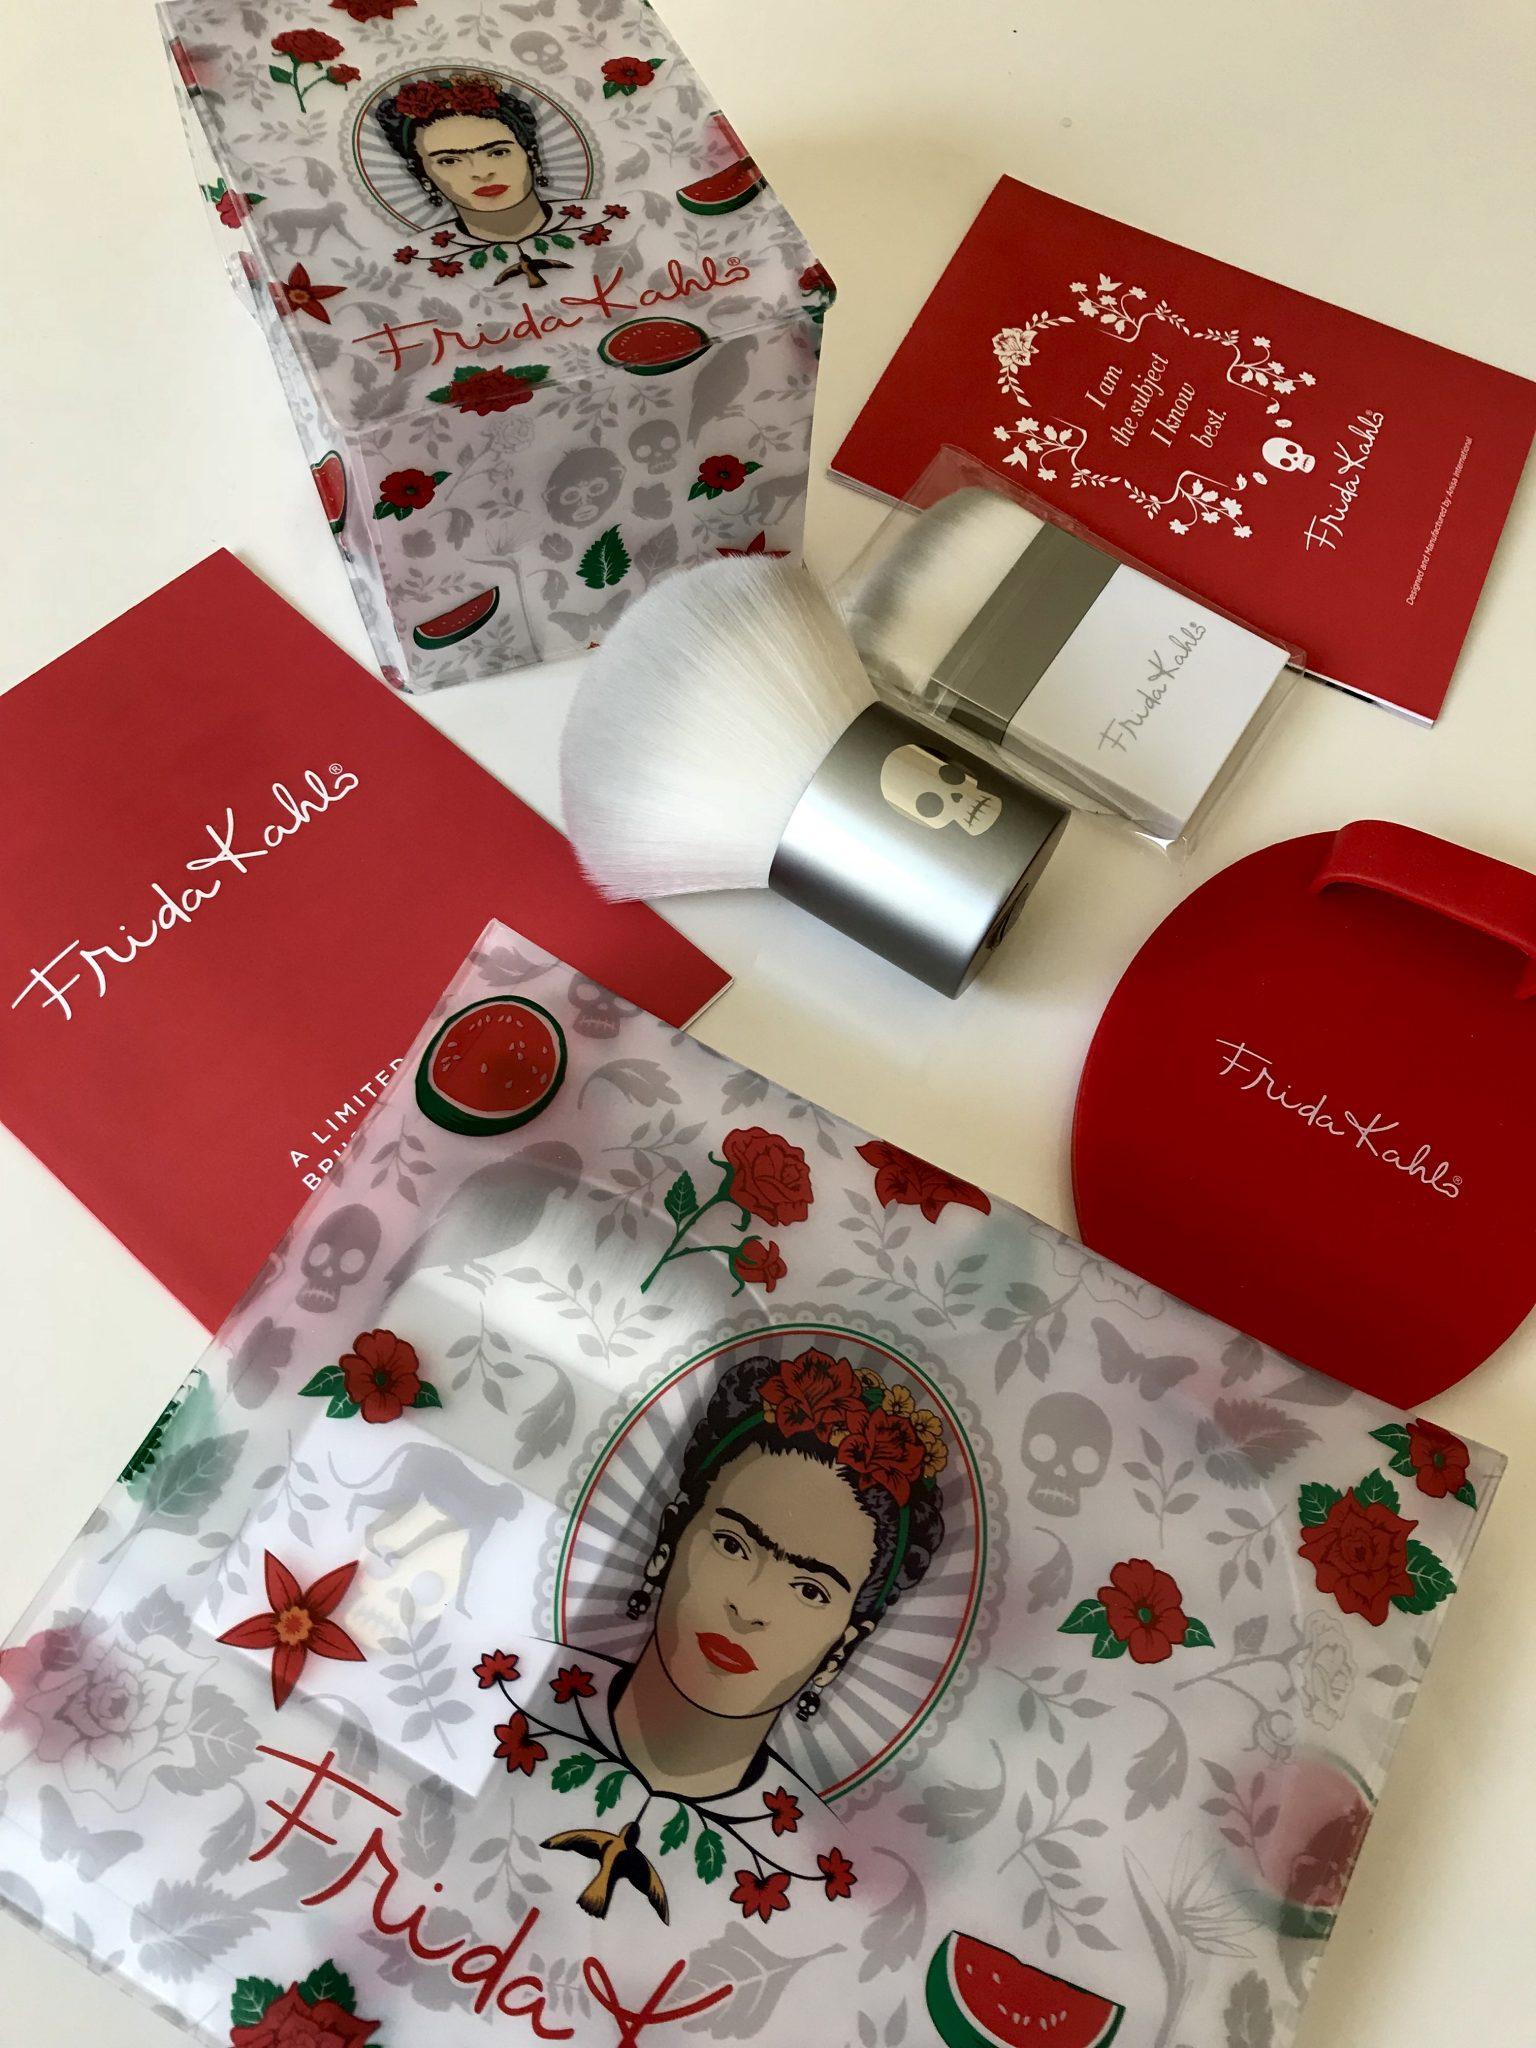 Frida Kahlo x Anisa Beauty Brushes